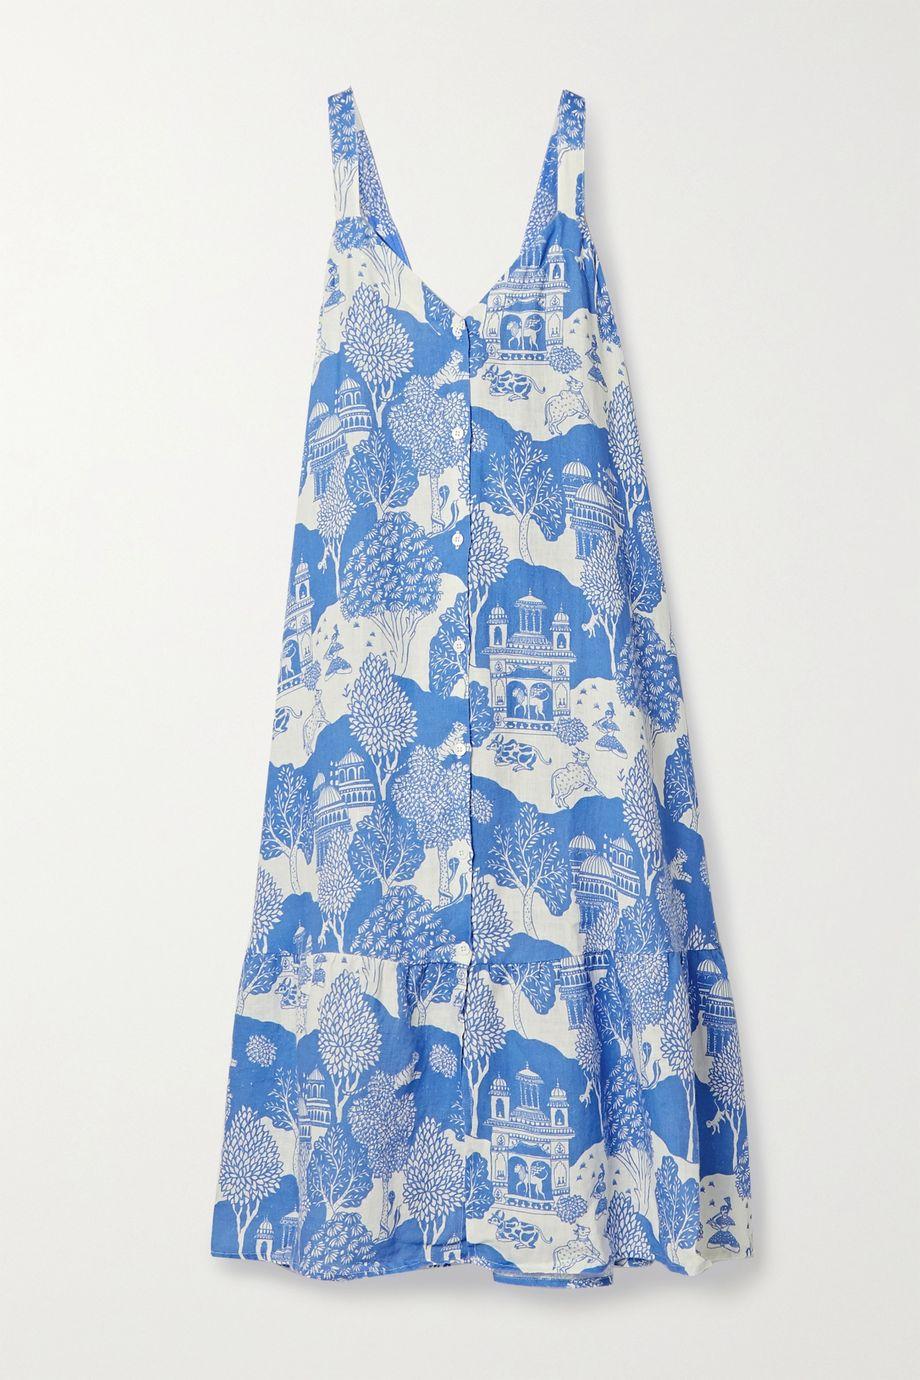 Desmond & Dempsey India Nachthemd aus bedrucktem Leinen